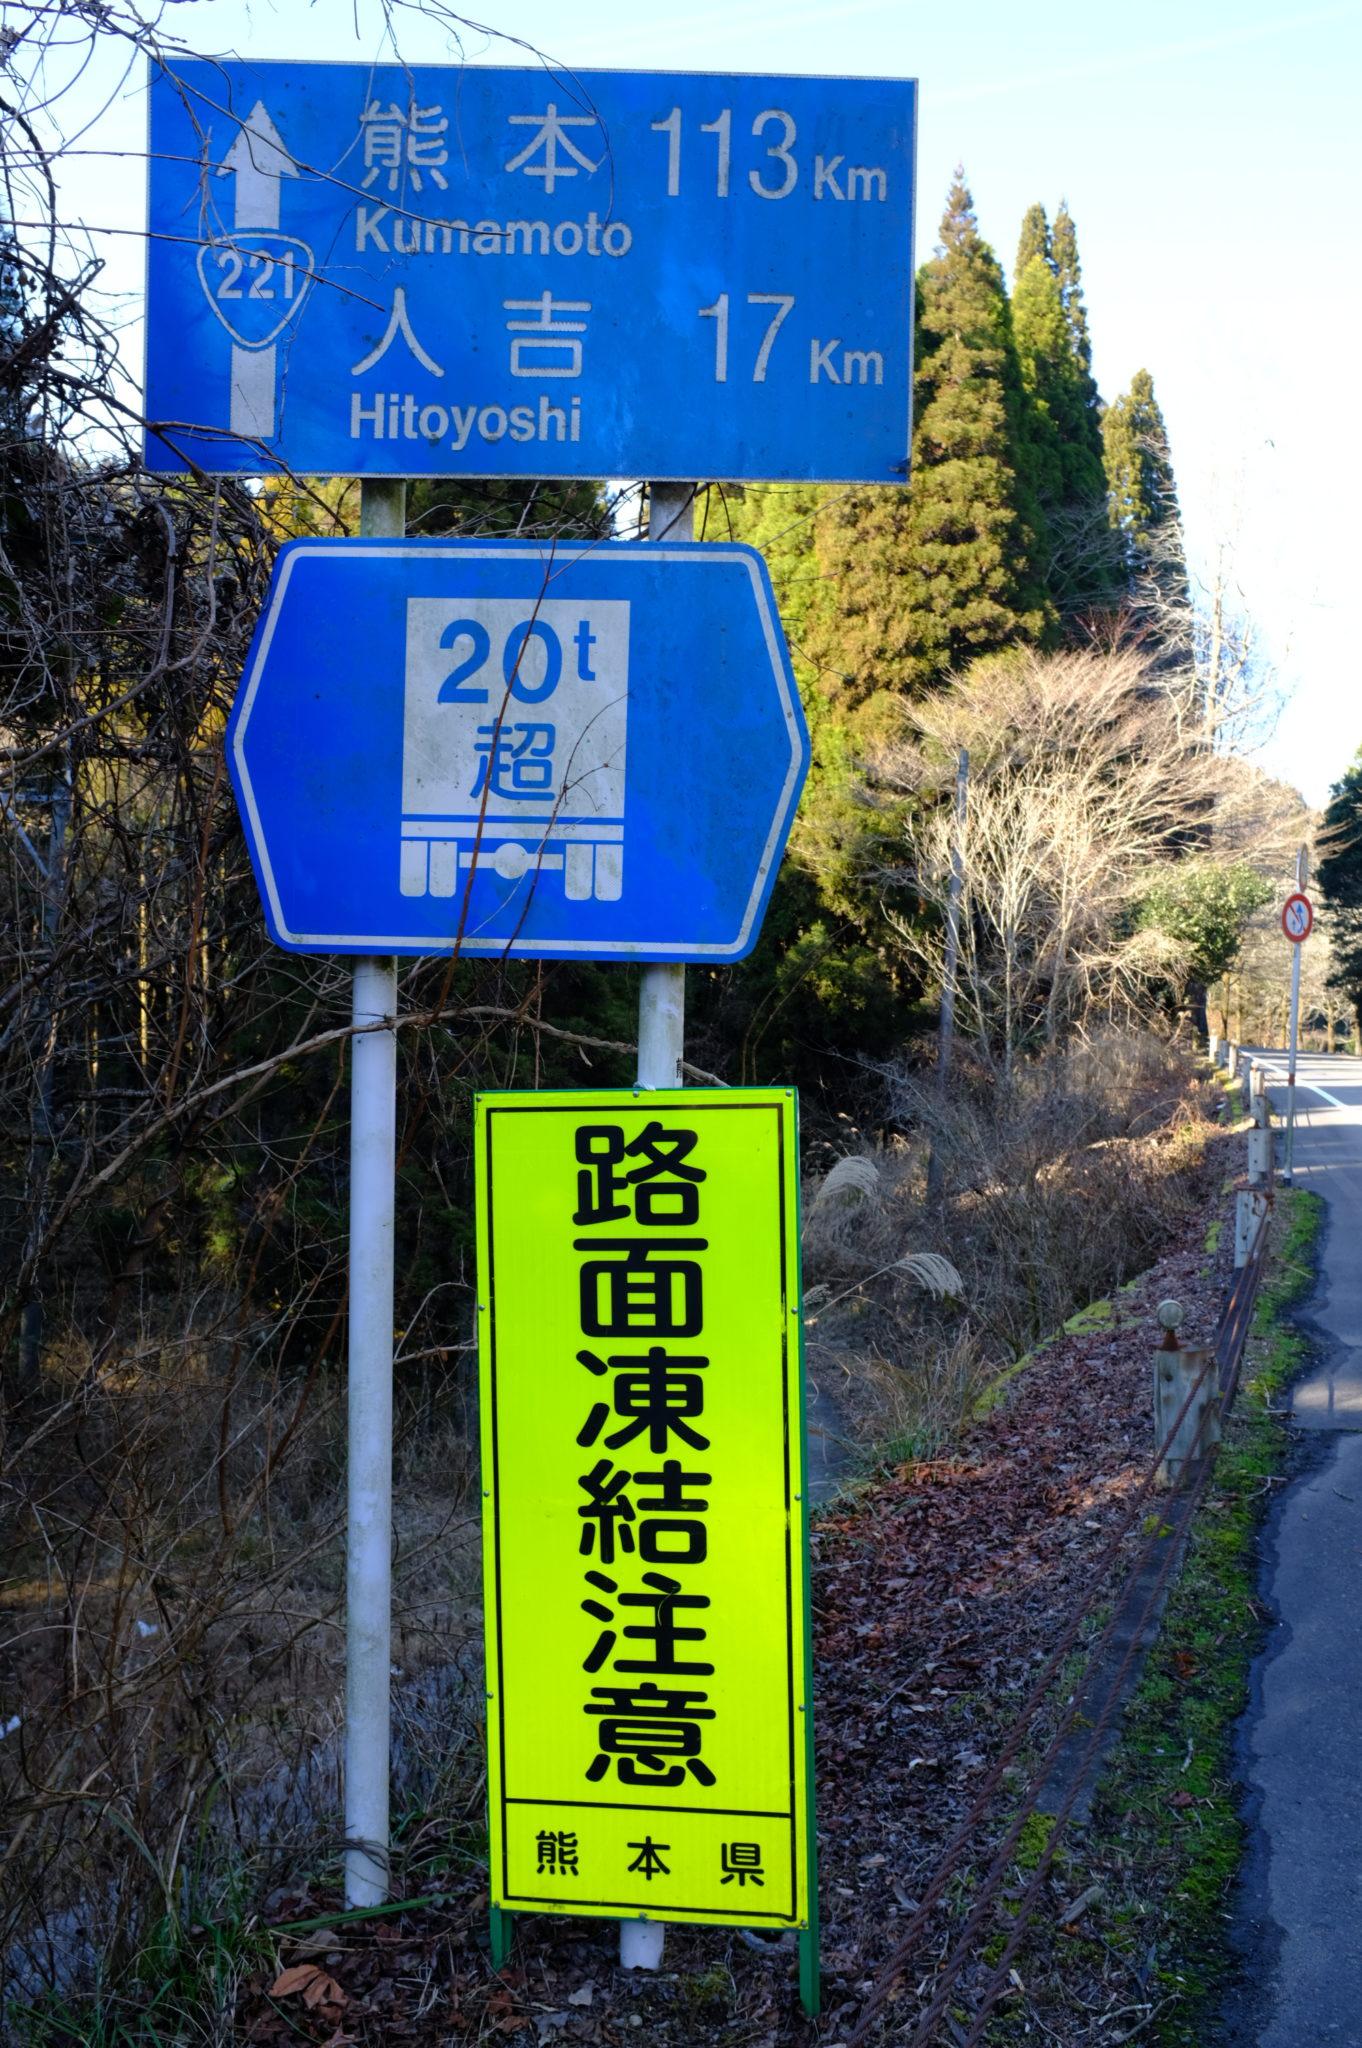 Morgen geht es nach Kumamoto